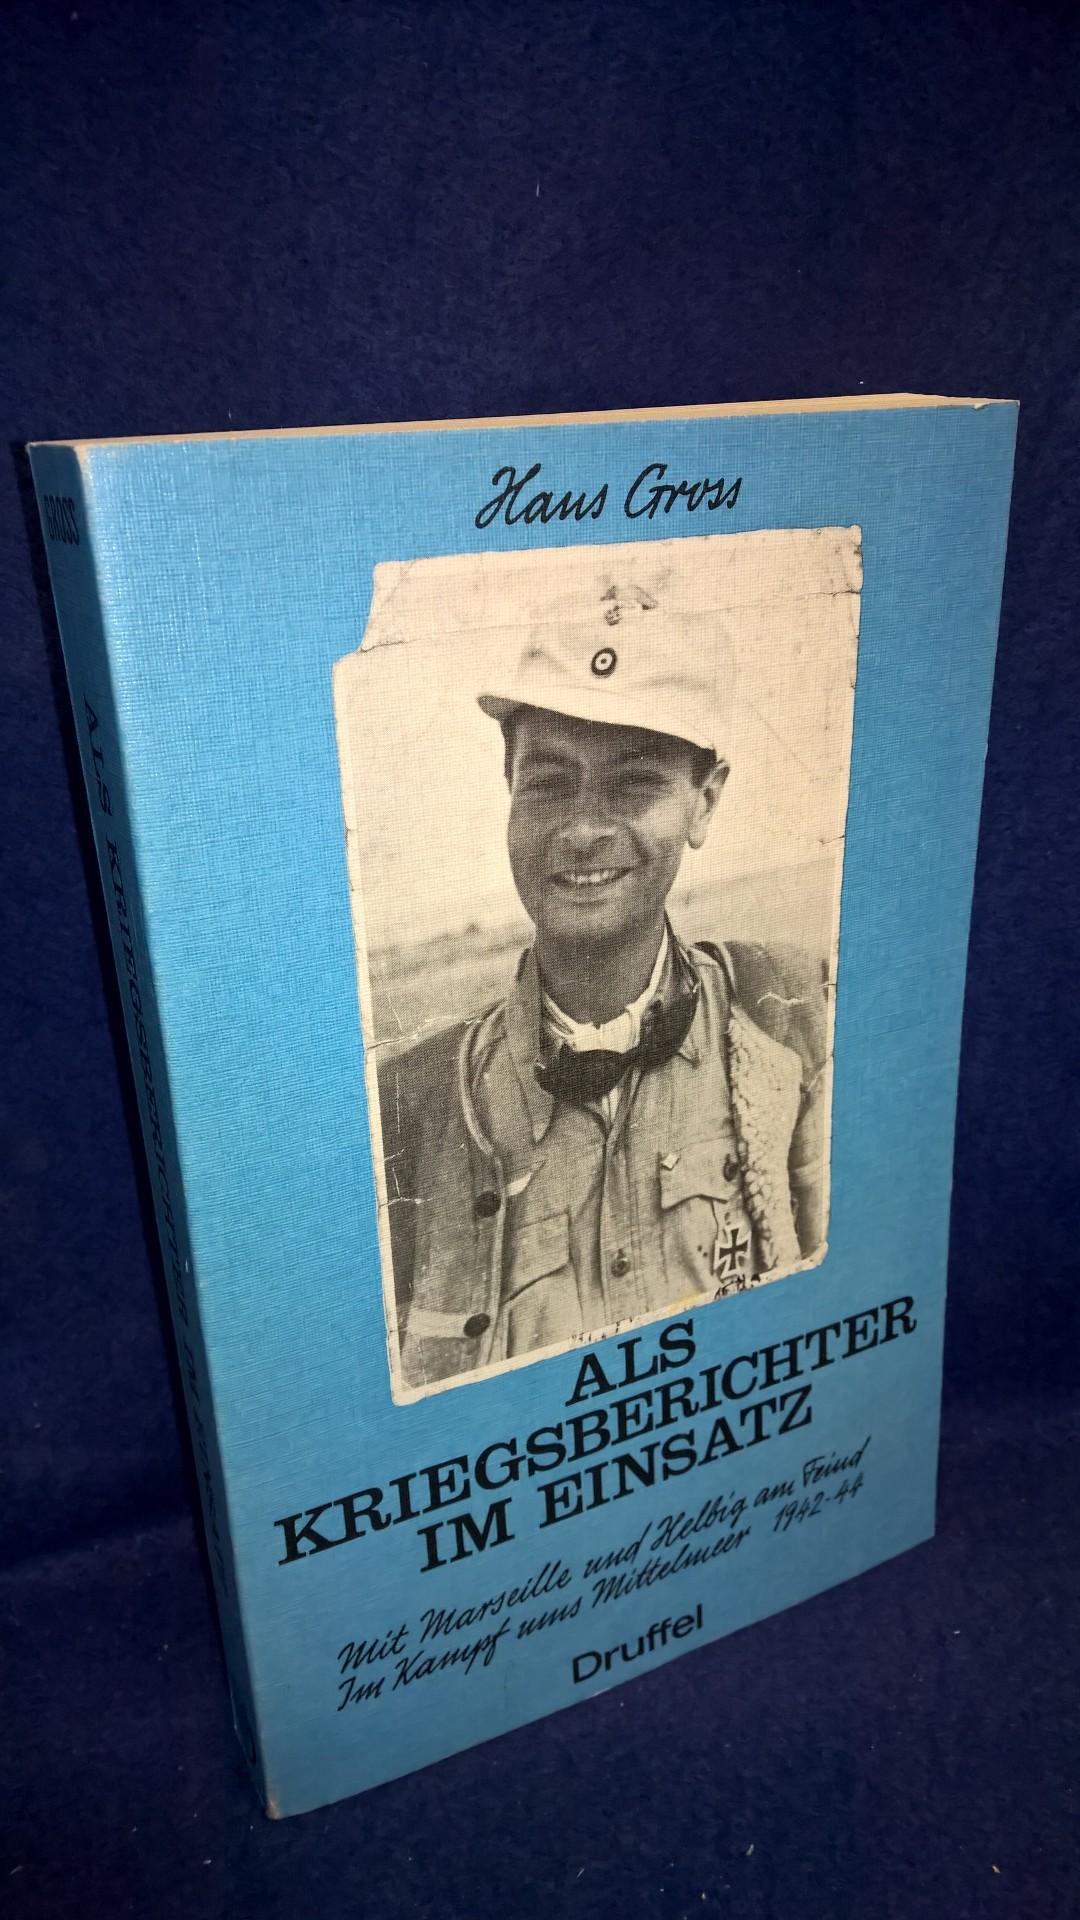 Als Kriegsberichter im Einsatz.. Mit Marseille und Helbig am Feind. Im Kampf ums Mittelmeer 1942- 44.